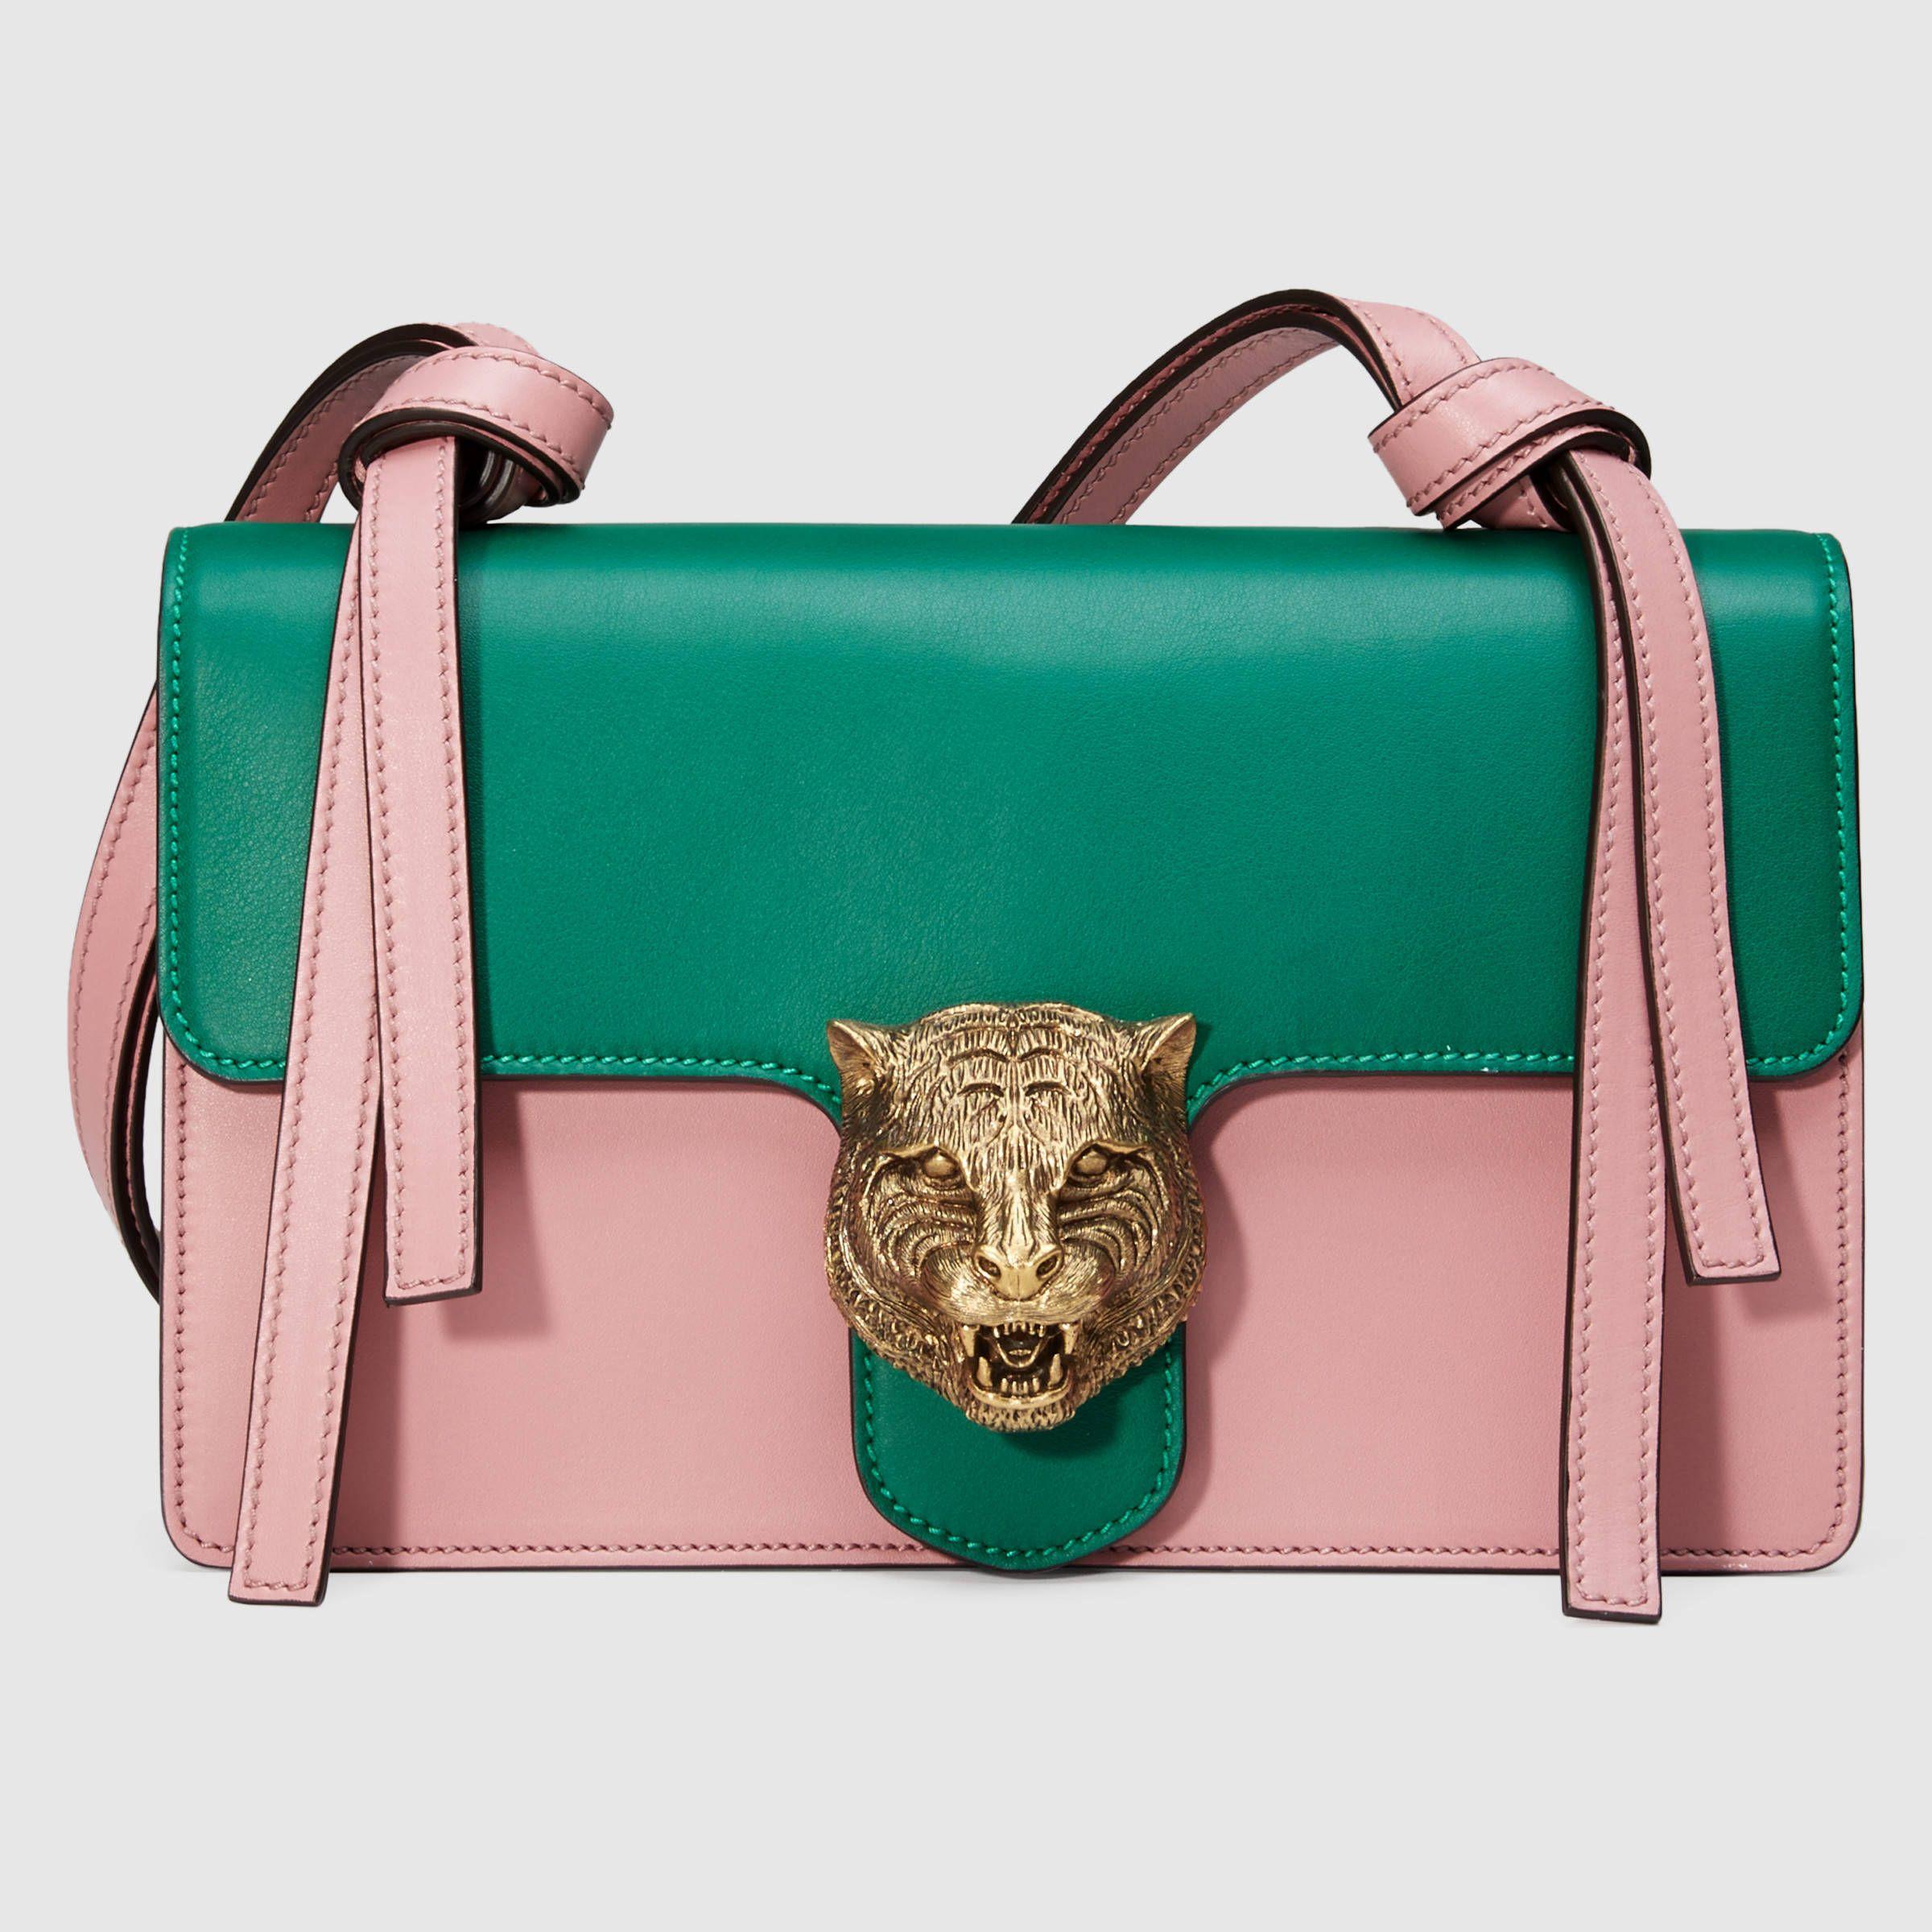 0f0cca3d457201 Gucci Animalier | Gucci | Bags, Gucci handbags, Handbag accessories